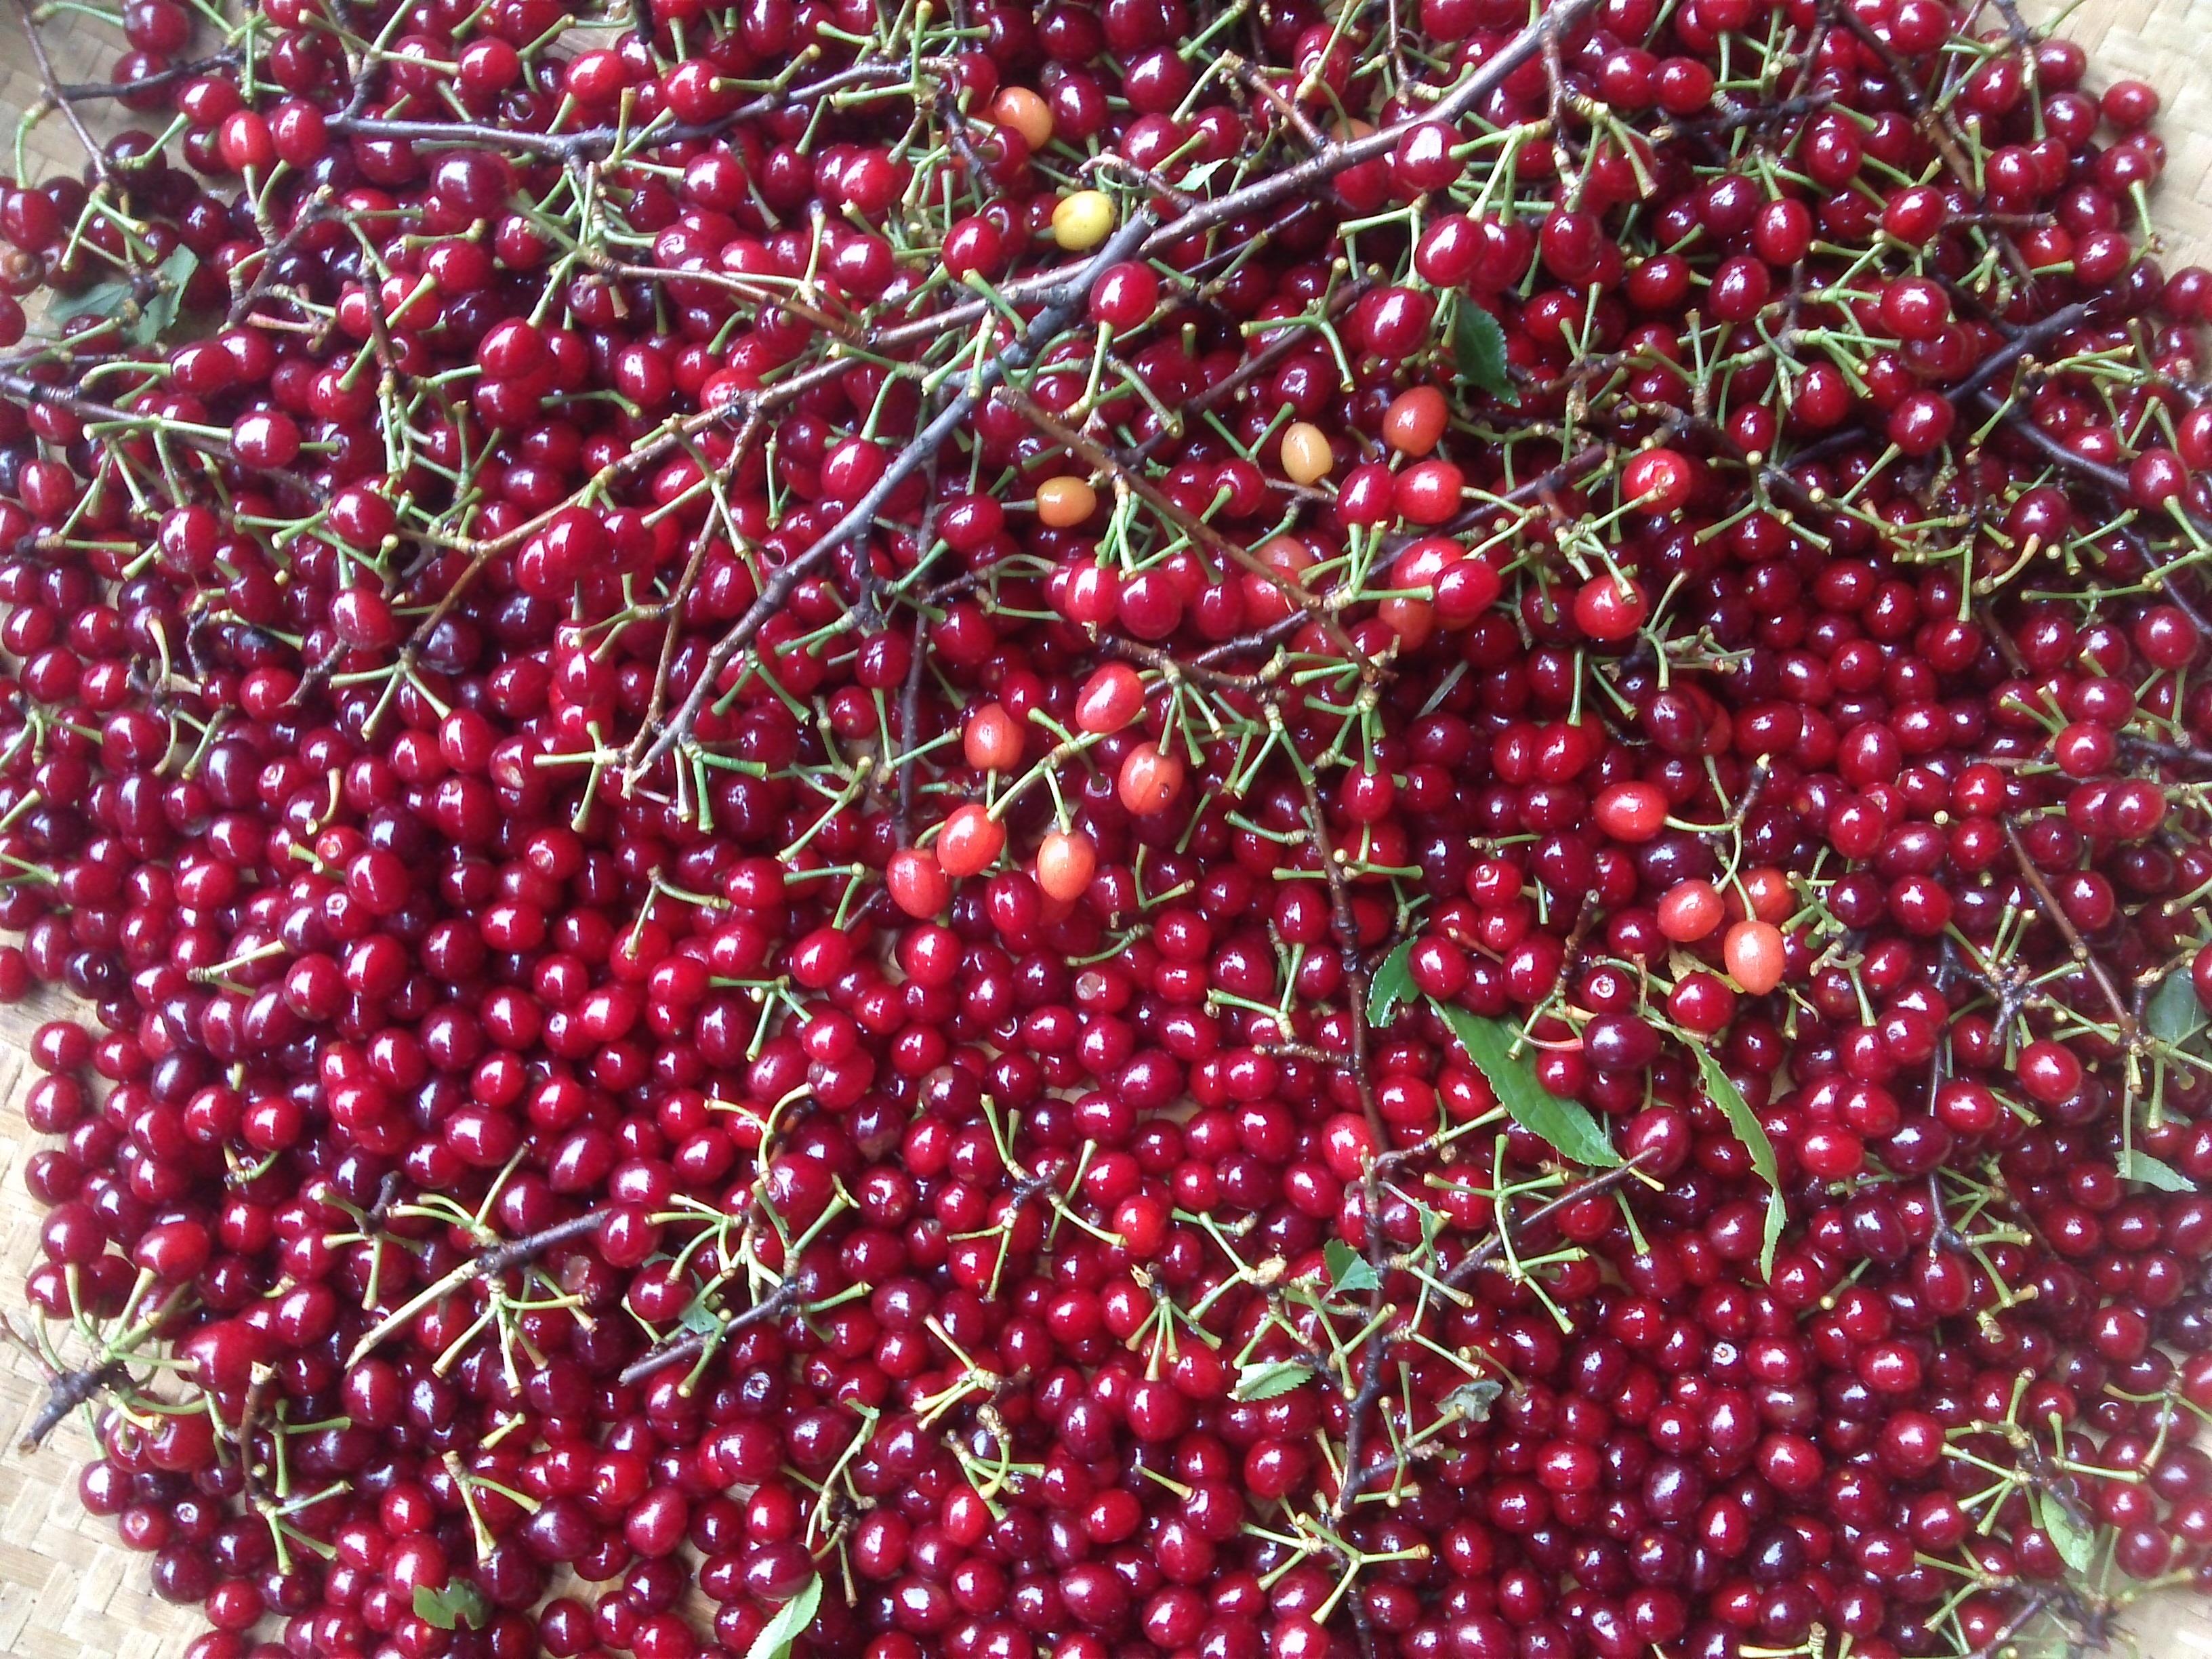 芙蓉山自古盛产野生樱桃,以前大部分樱桃树被村民砍掉当柴烧.